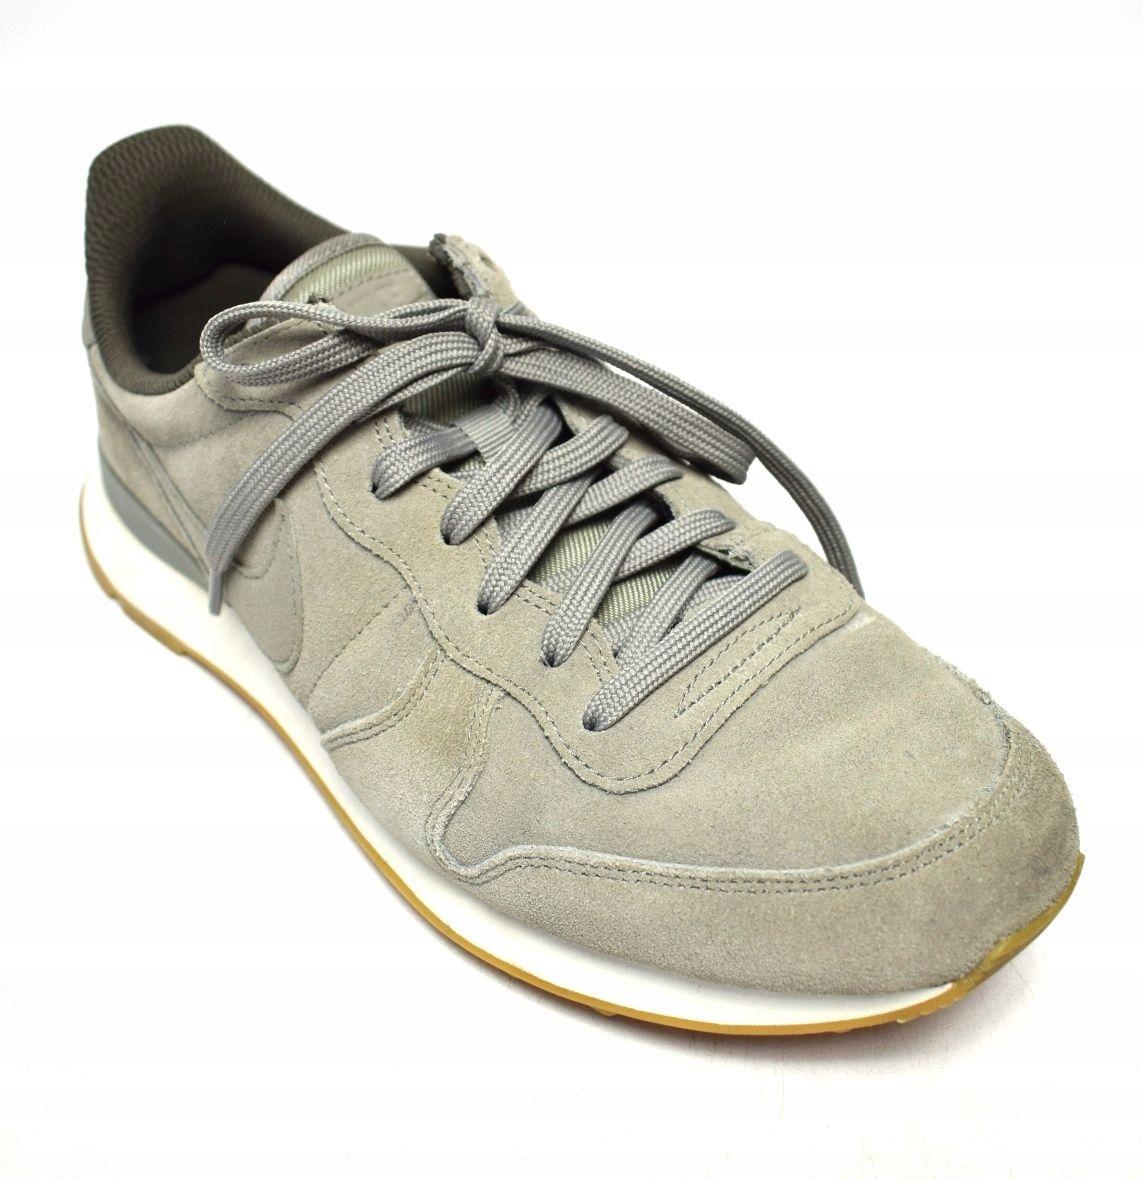 5ecc2ebf7c0a Nike INTERNATIONALIST BUTY SPORTOWE damskie 42